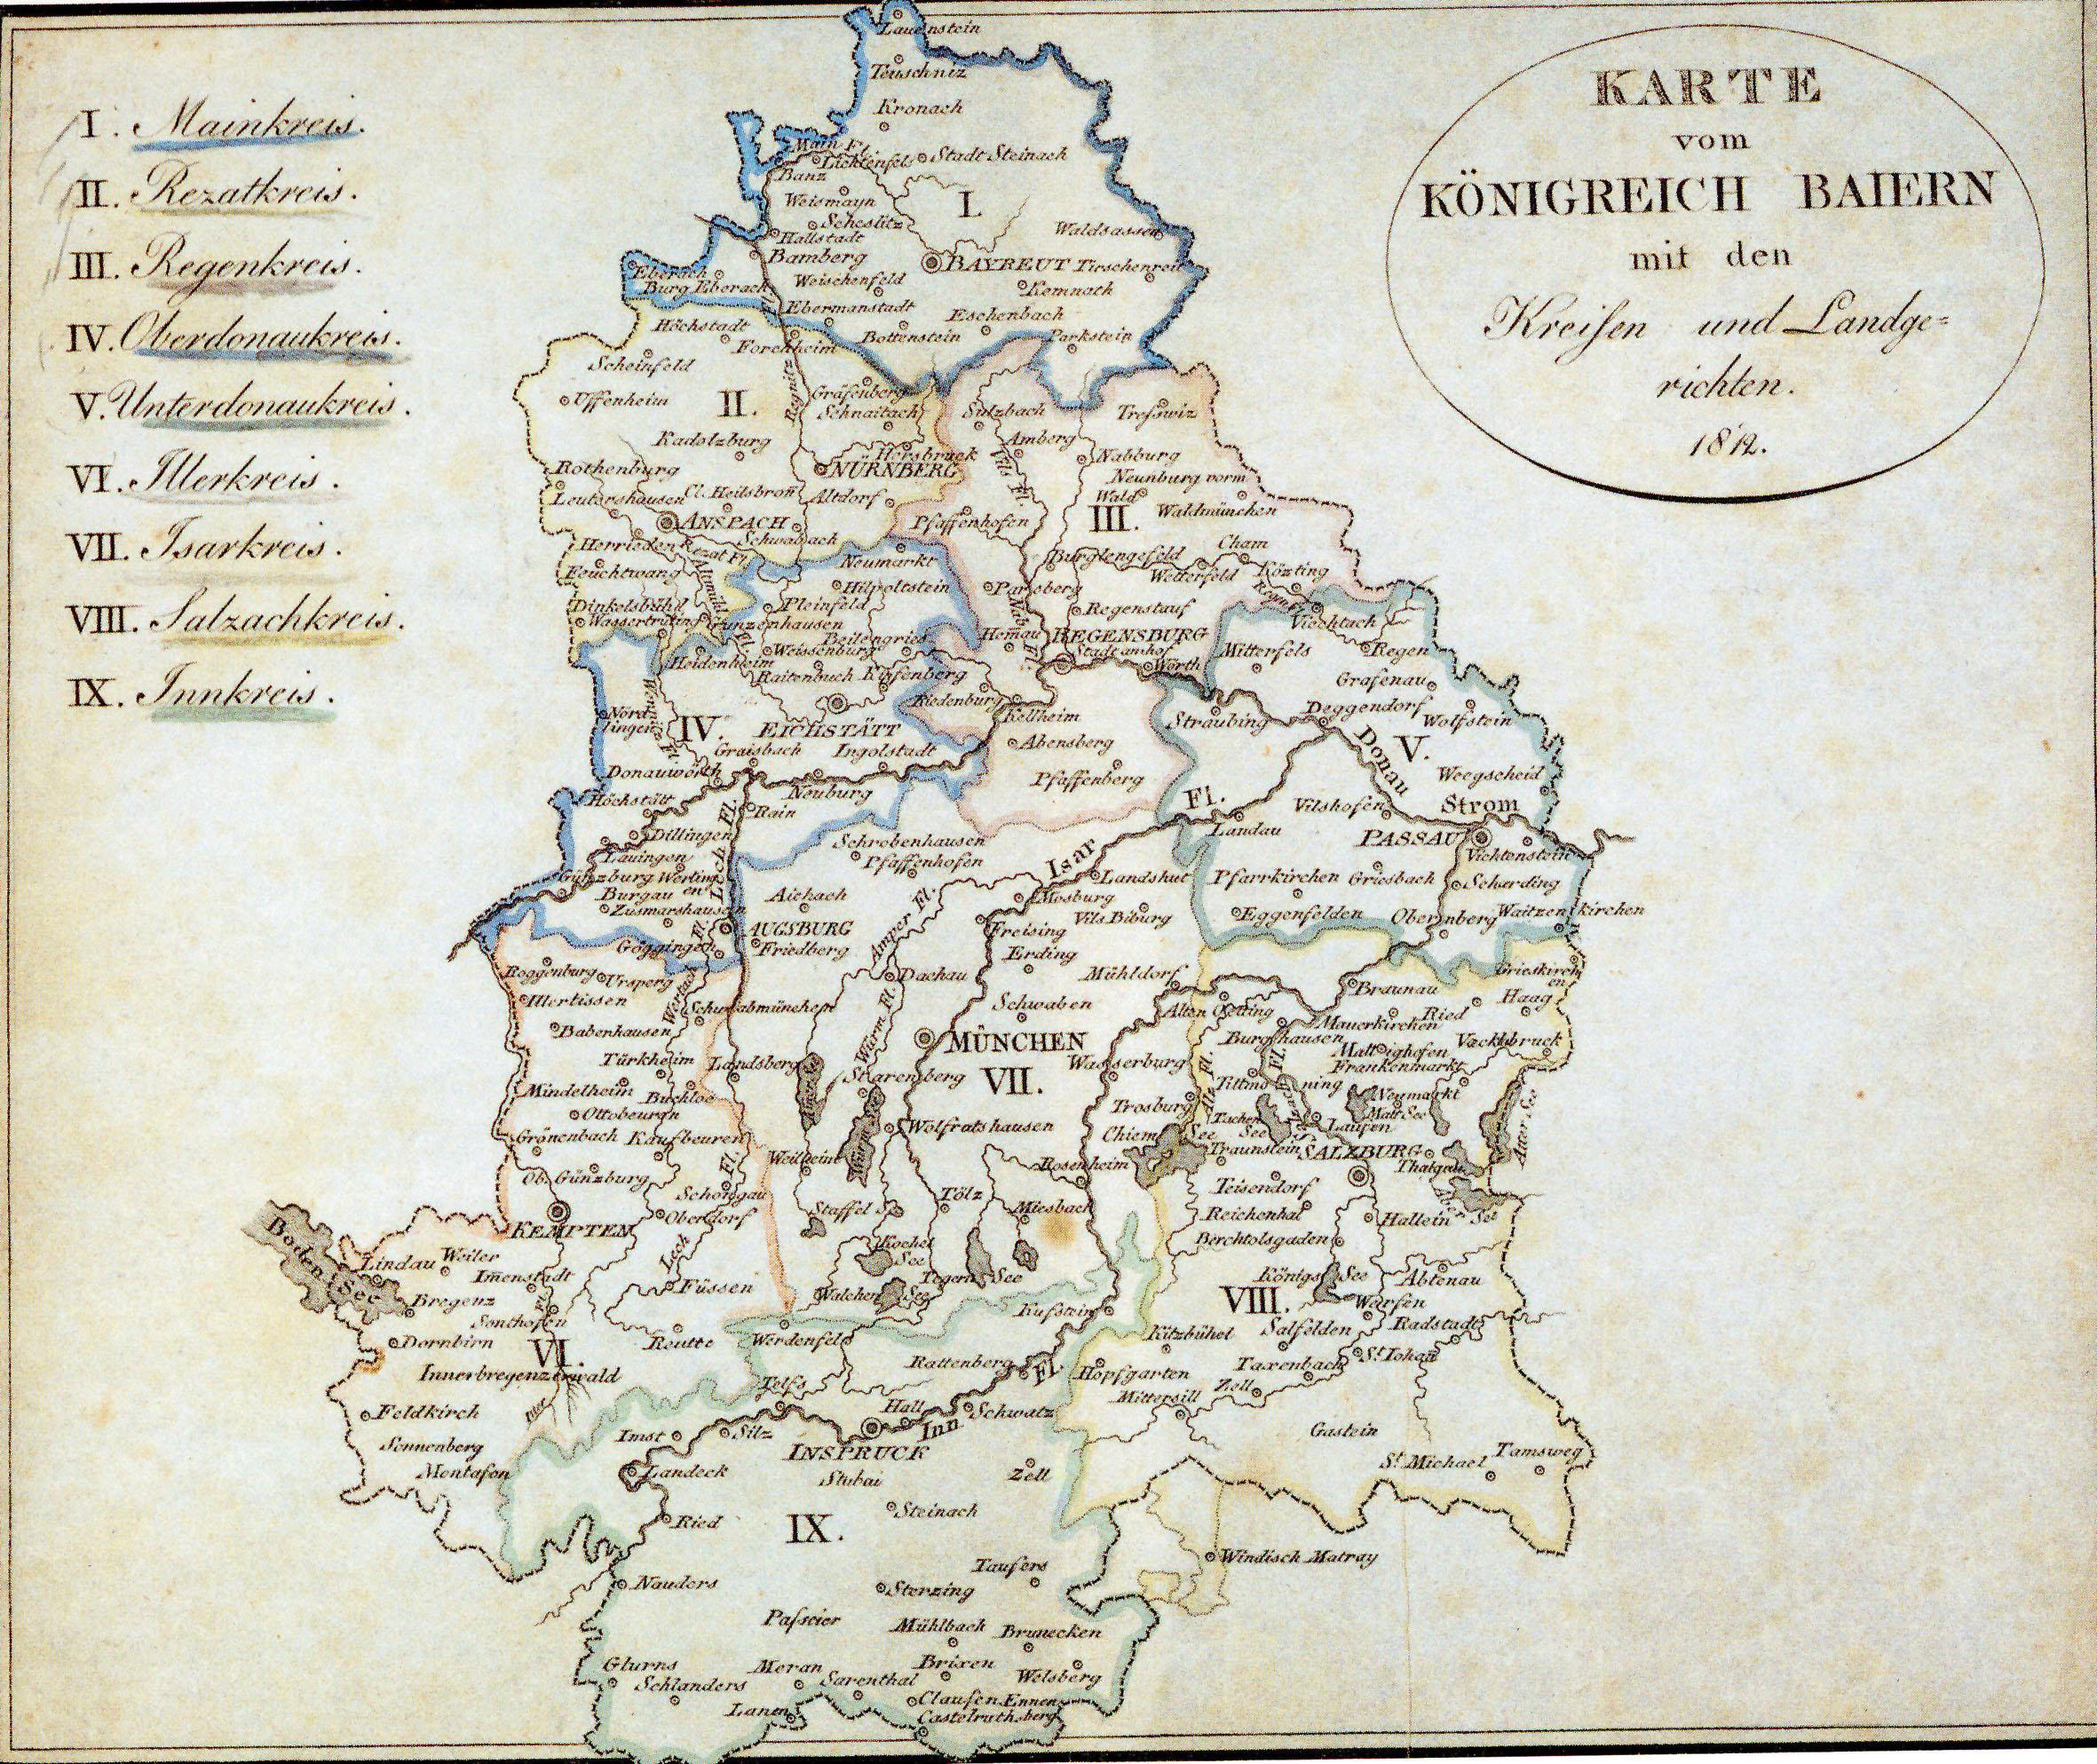 Königreich Baiern, Karte aus 1812 (Archiv des Verfassers)